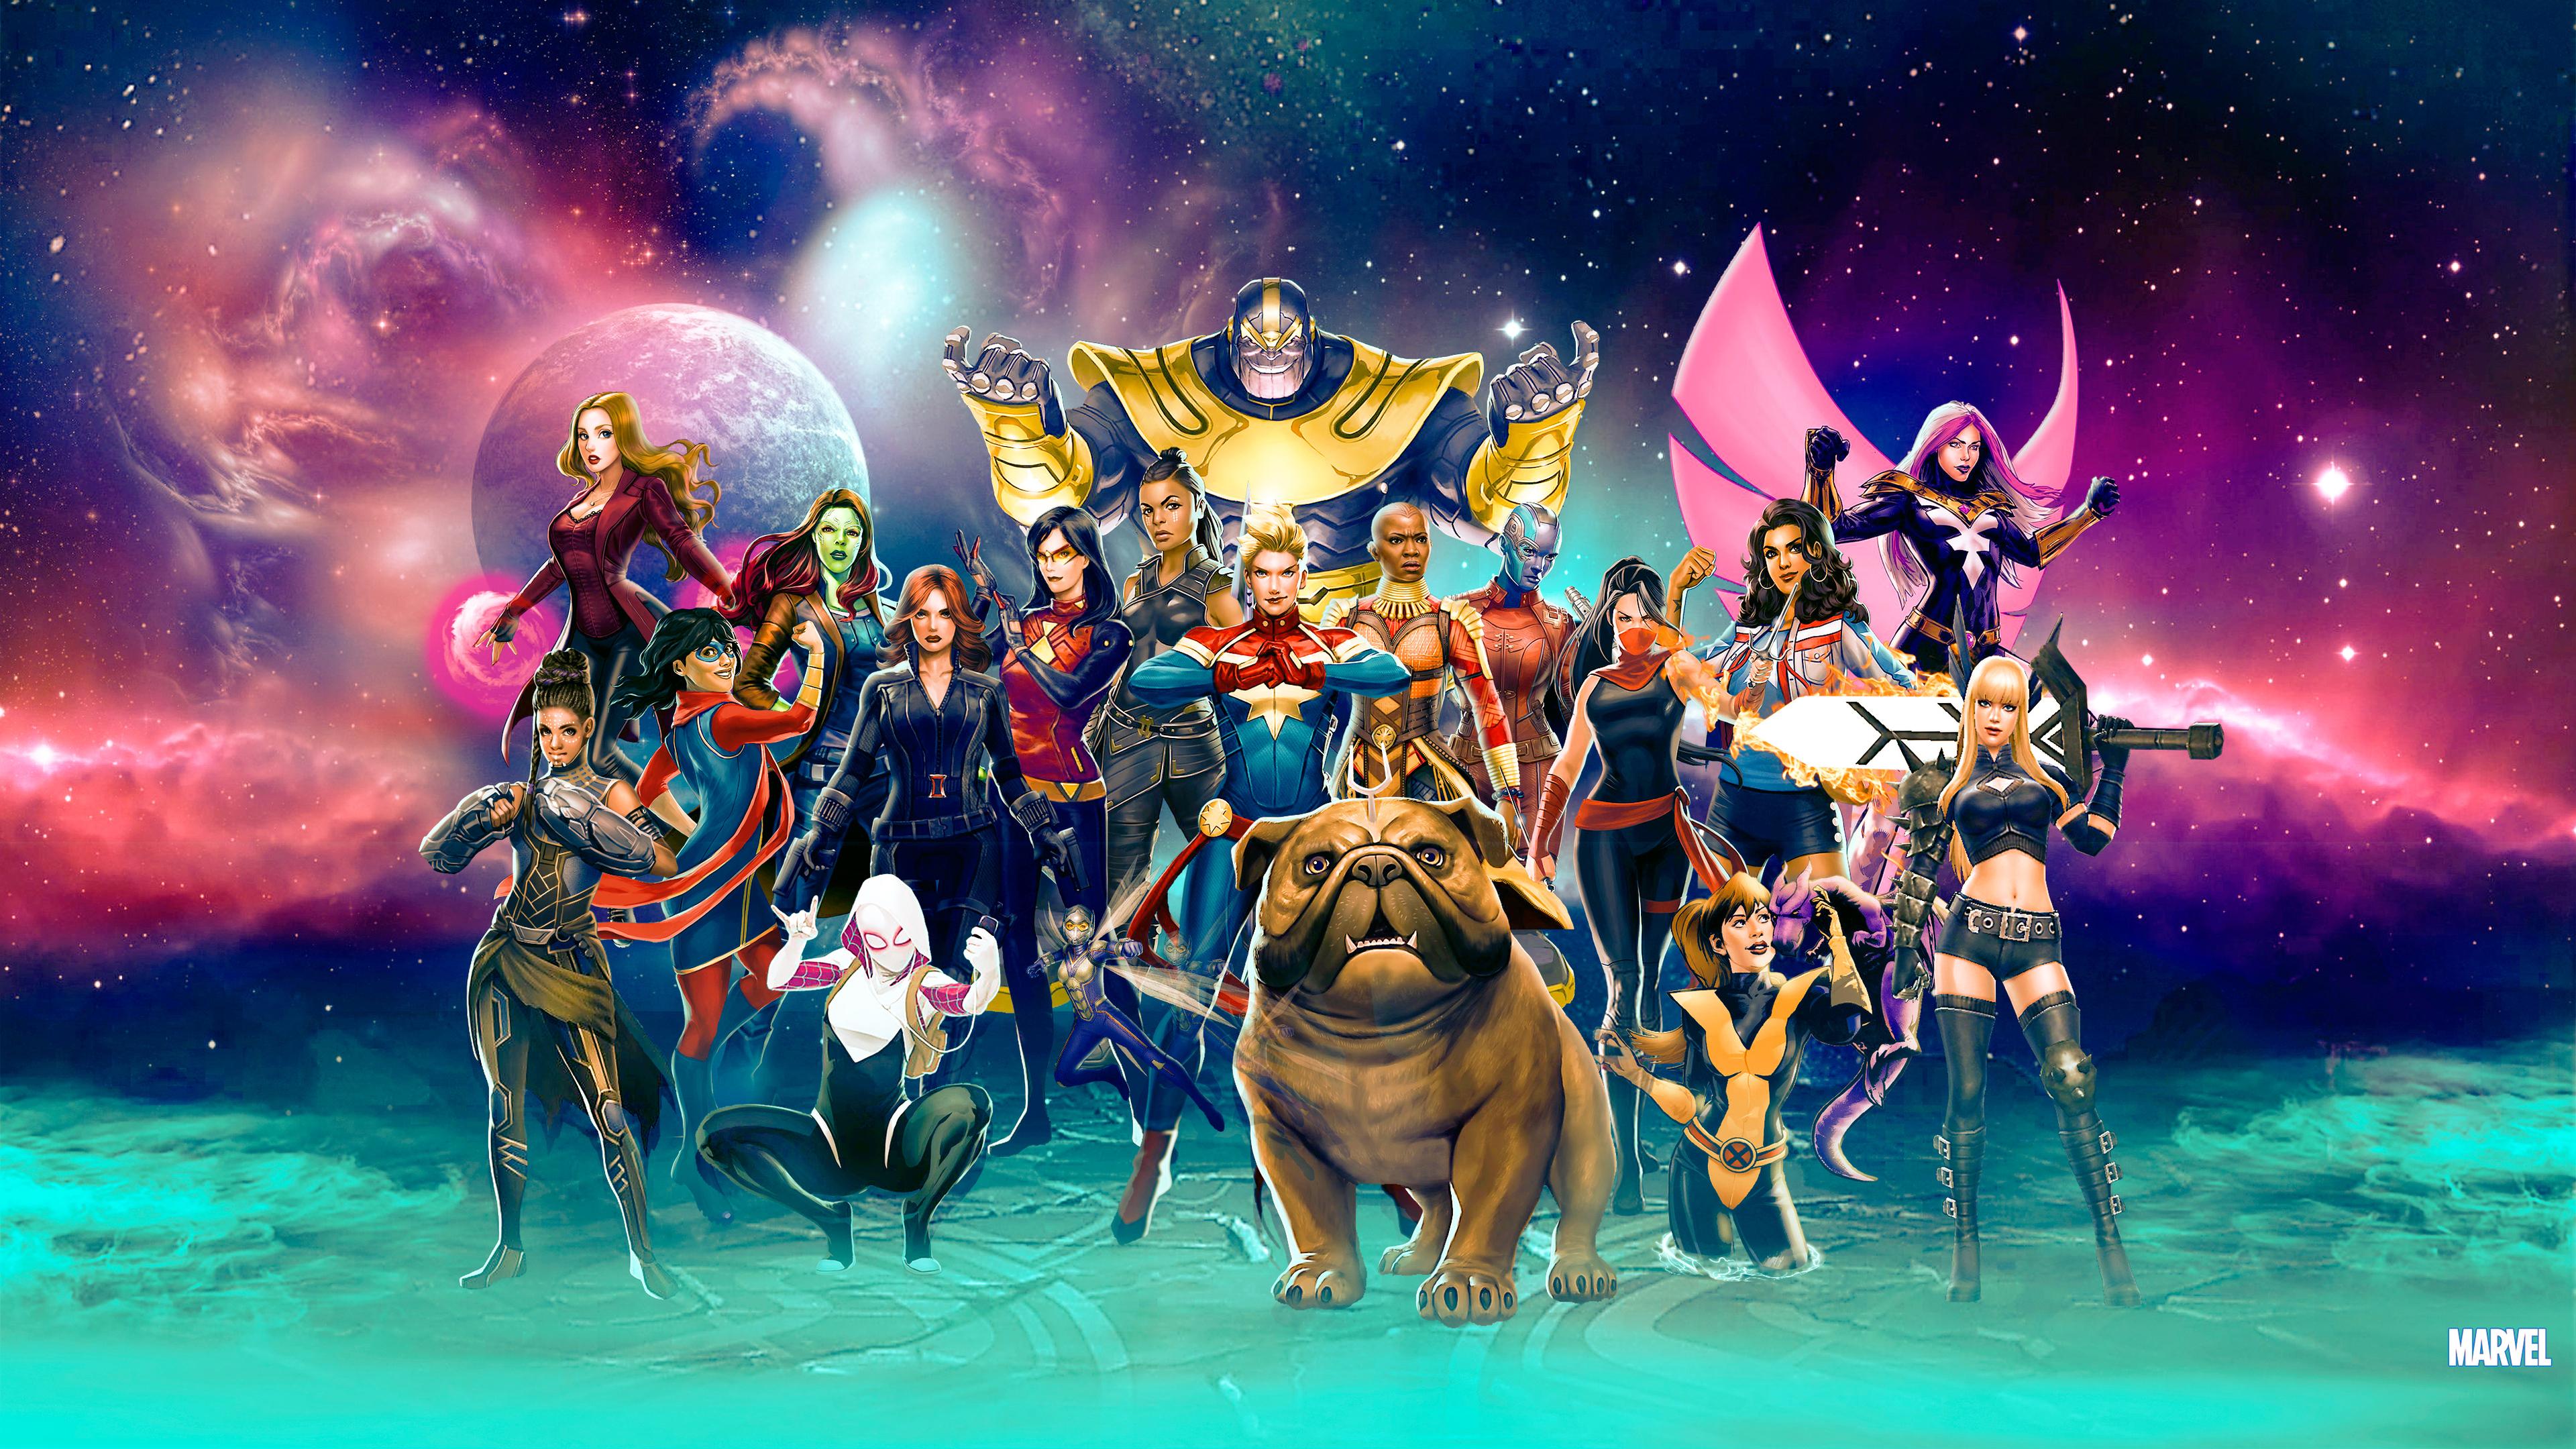 3840x2160 Marvel Girls Artwork 4k 4k HD 4k Wallpapers ...